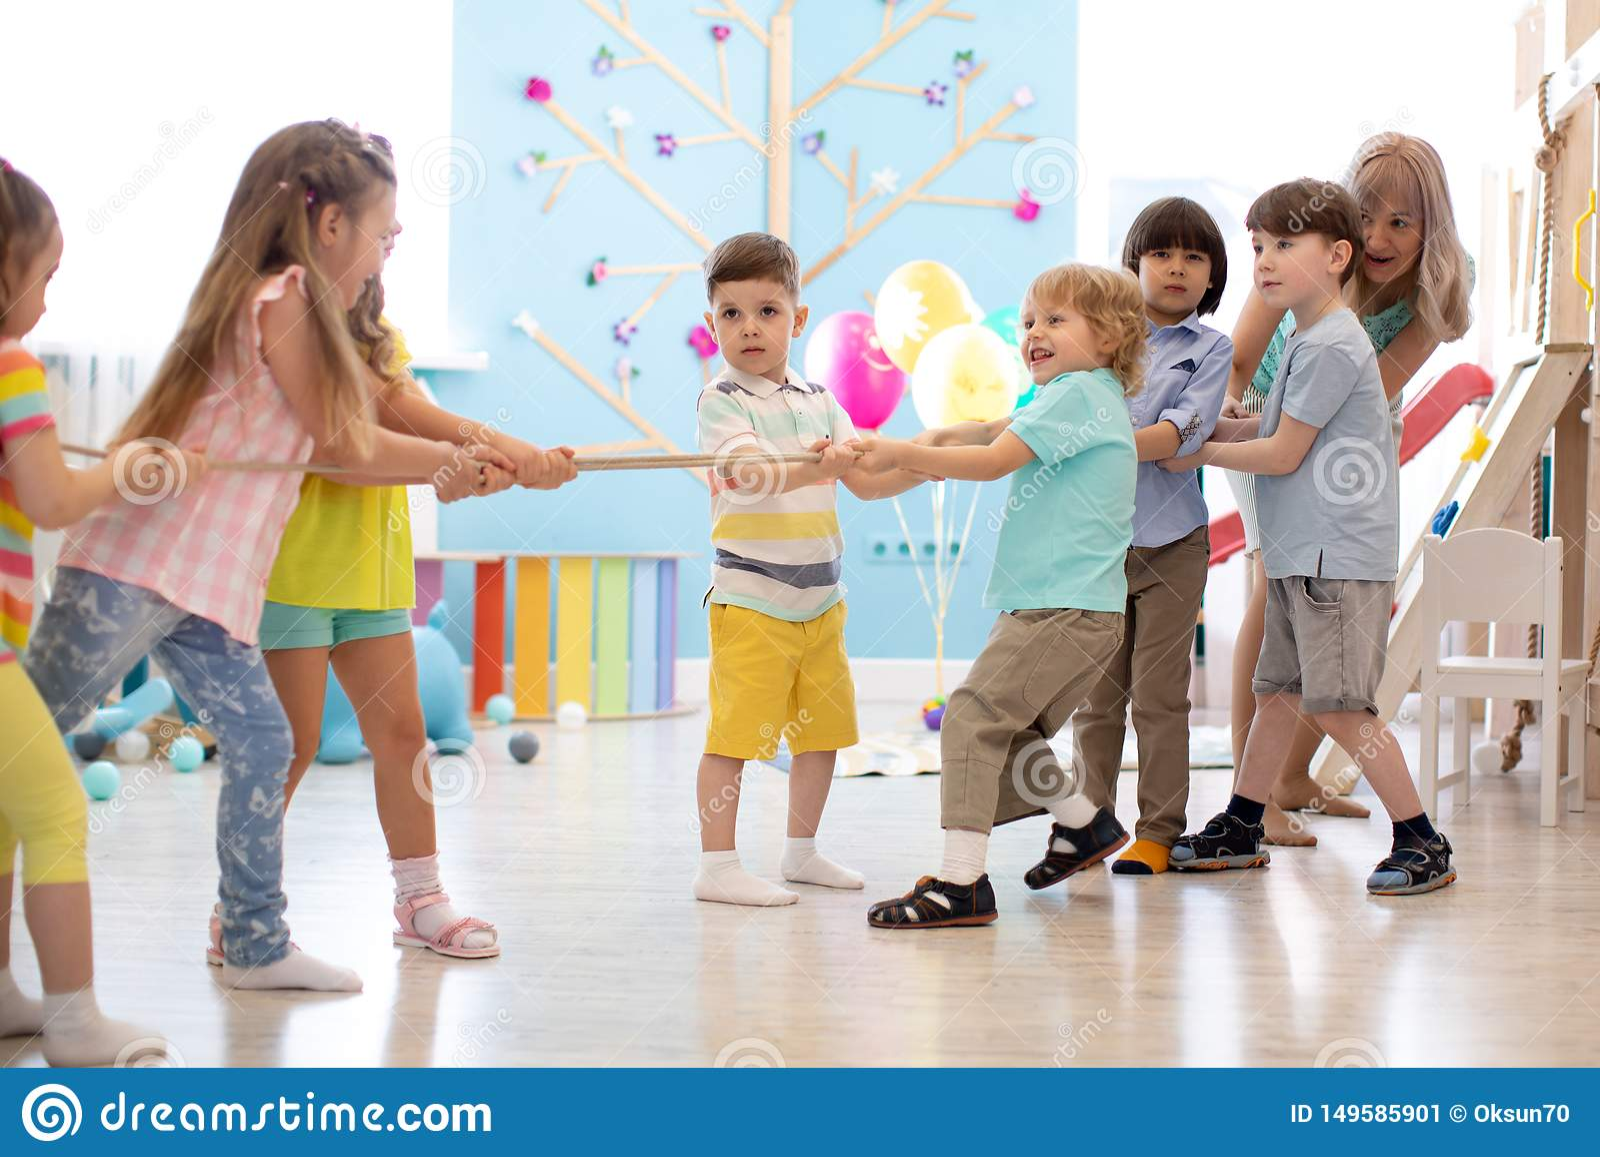 Gruppo di bambini in un concorso ditrazione nell asilo